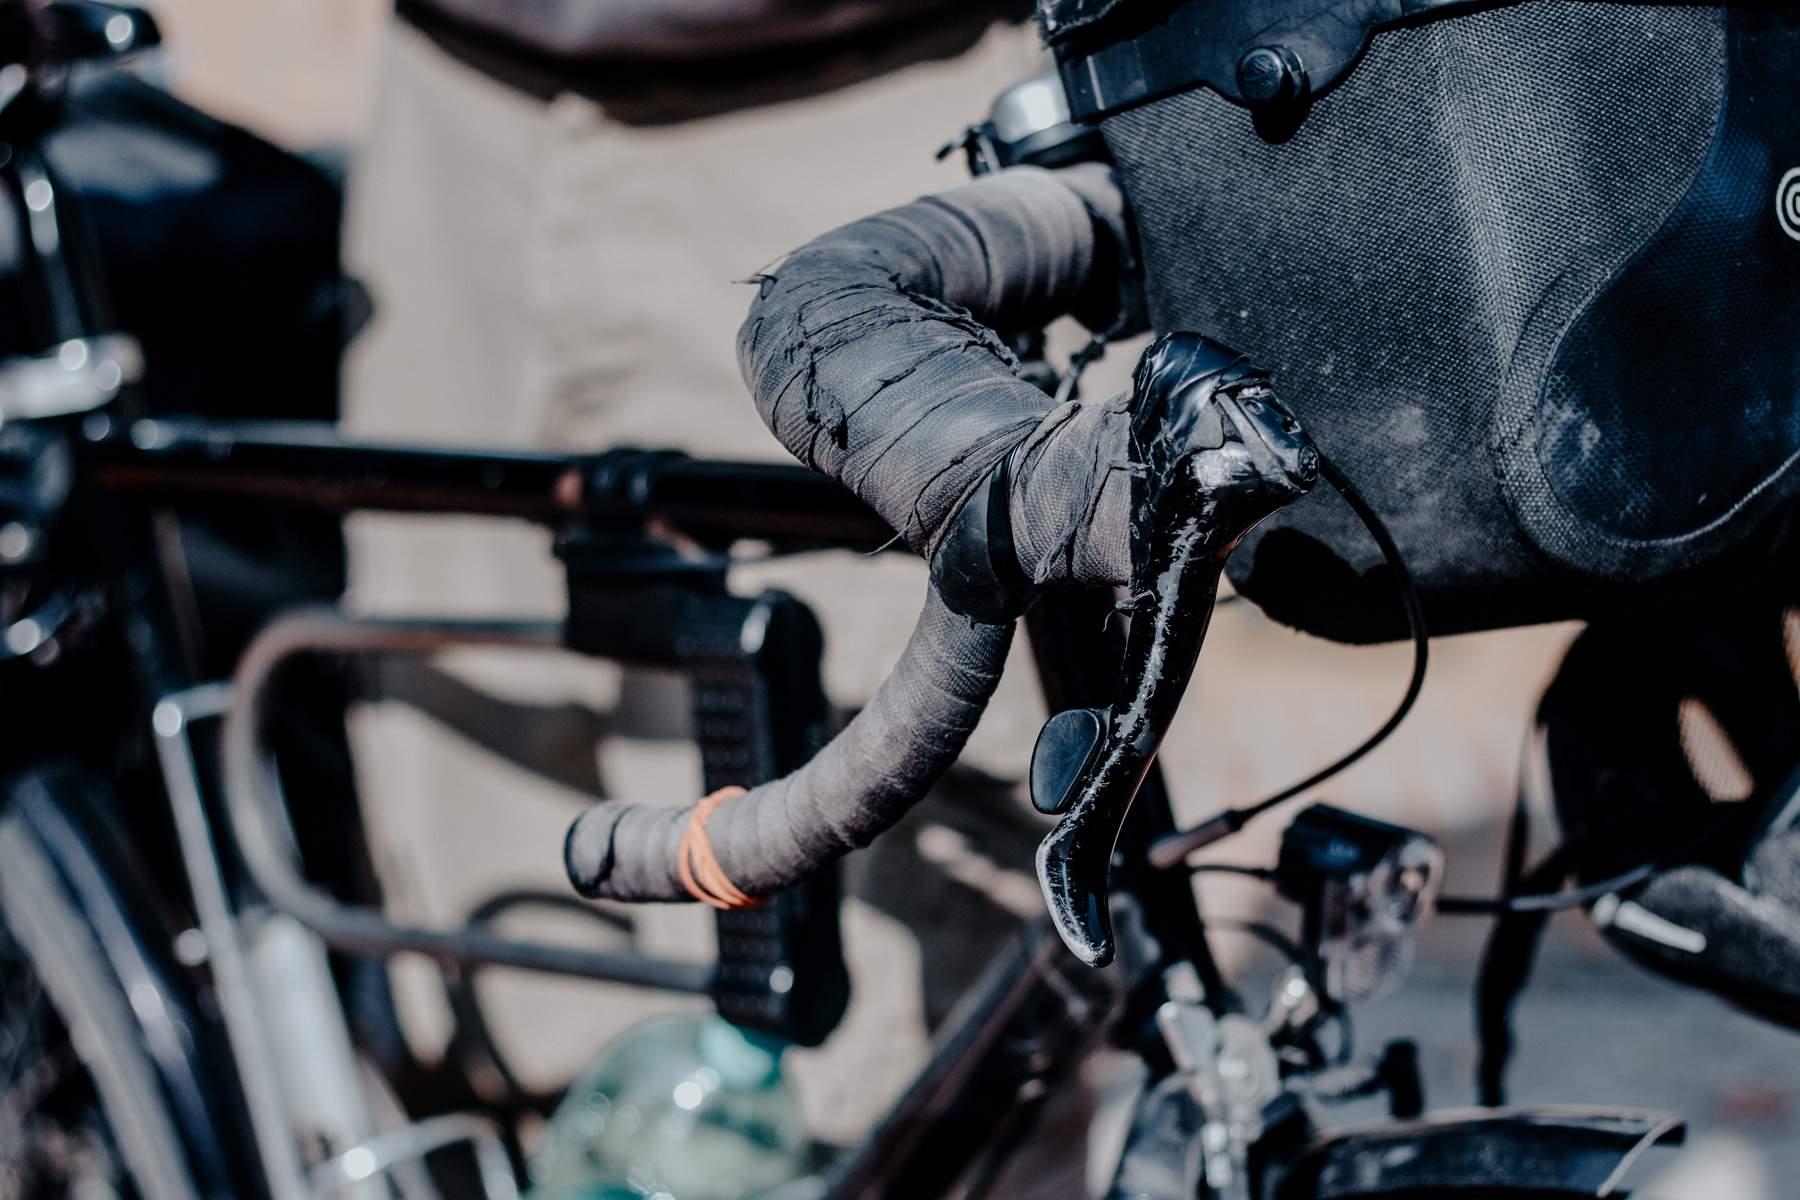 Thorsten Gieefers Familienhaus Fahrrad Fahrradportrait 2018 Kinderanhänger Fahrrad 7